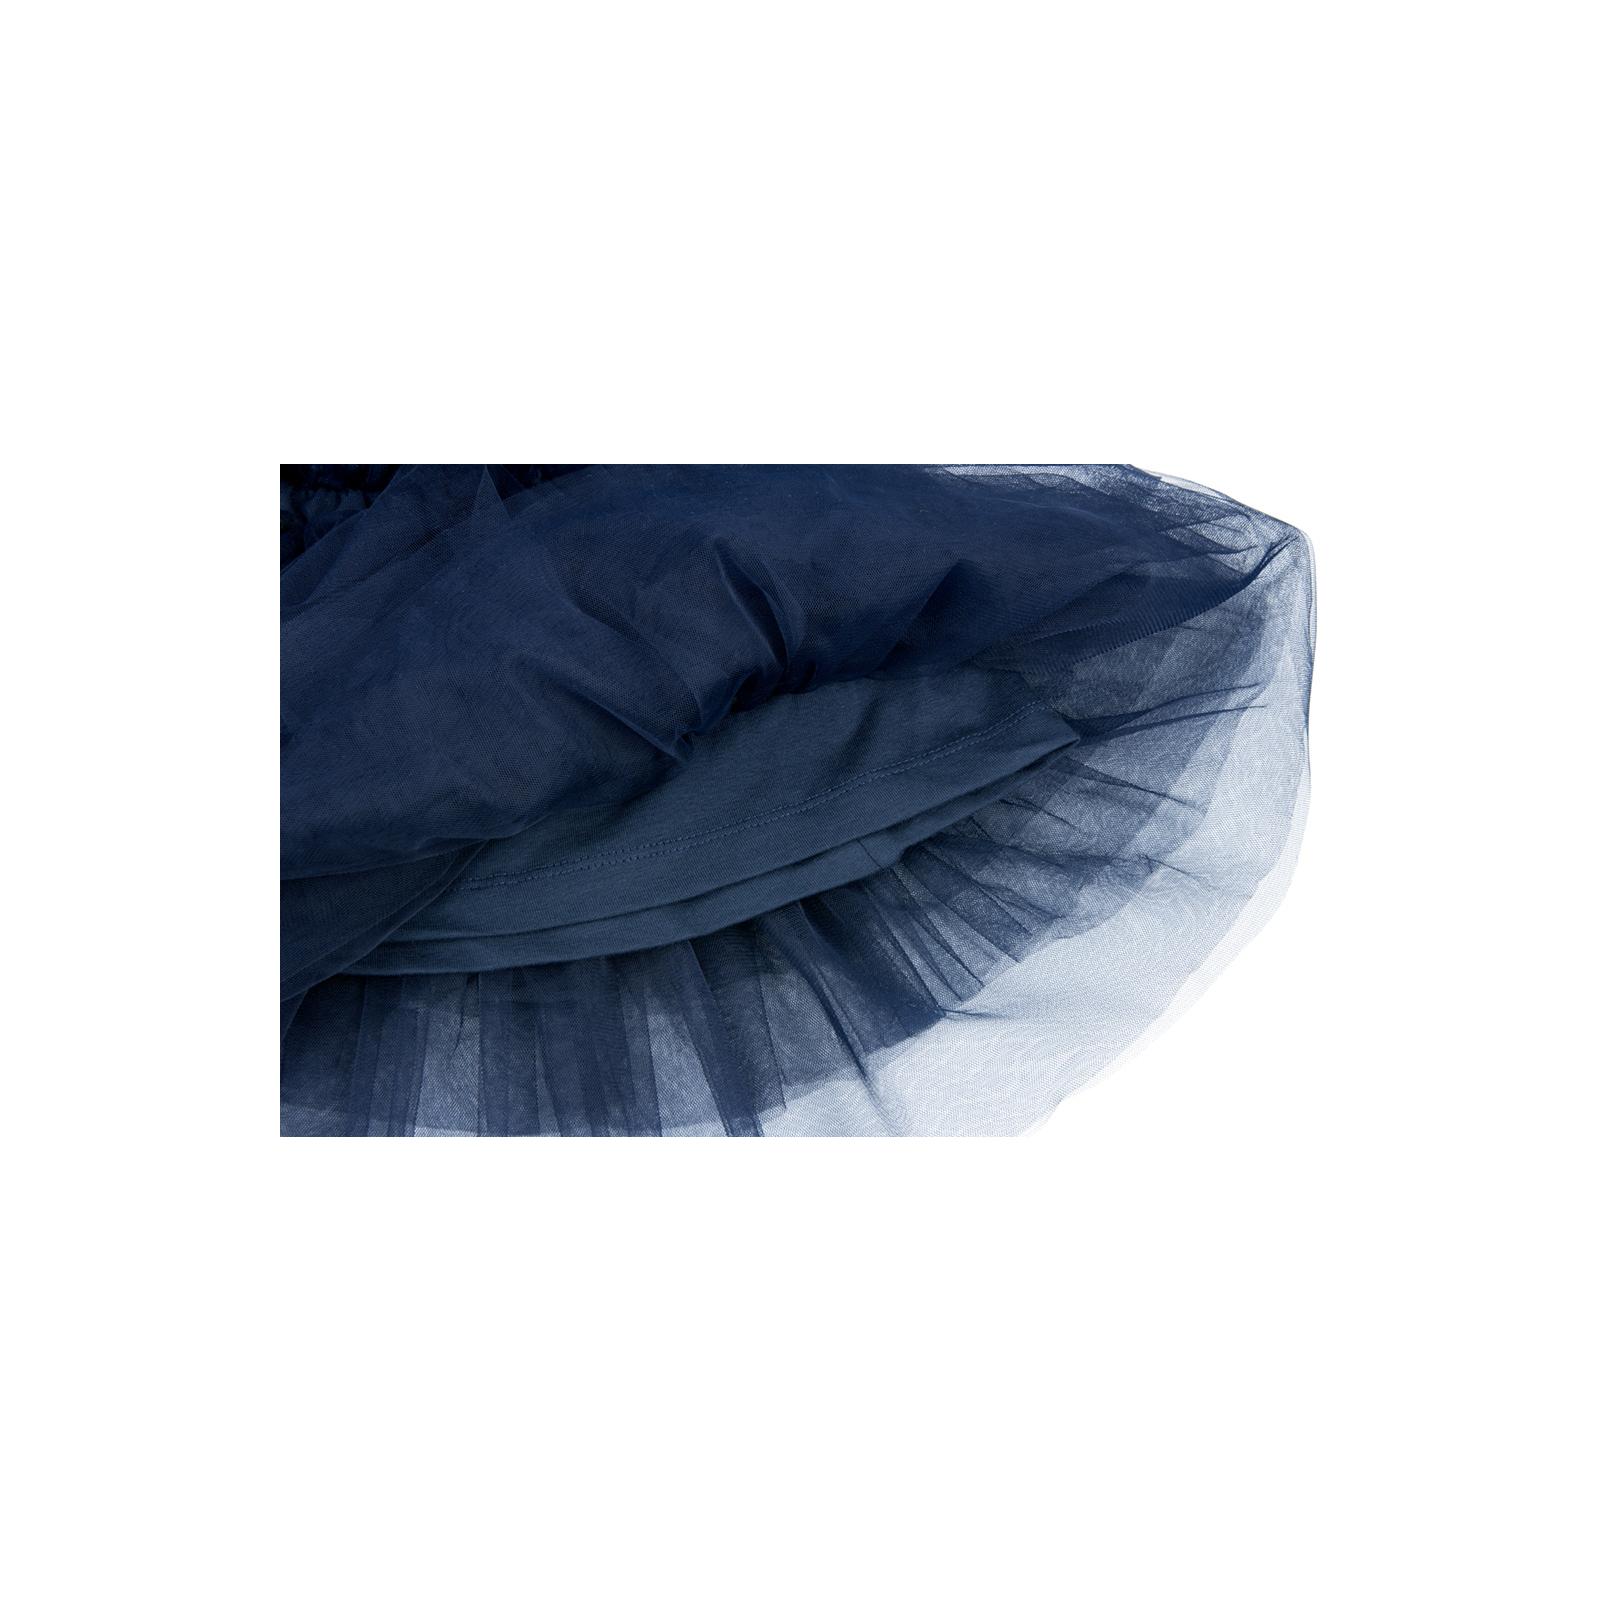 Юбка Breeze фатиновая многослойная (9937-98G-blue) изображение 3